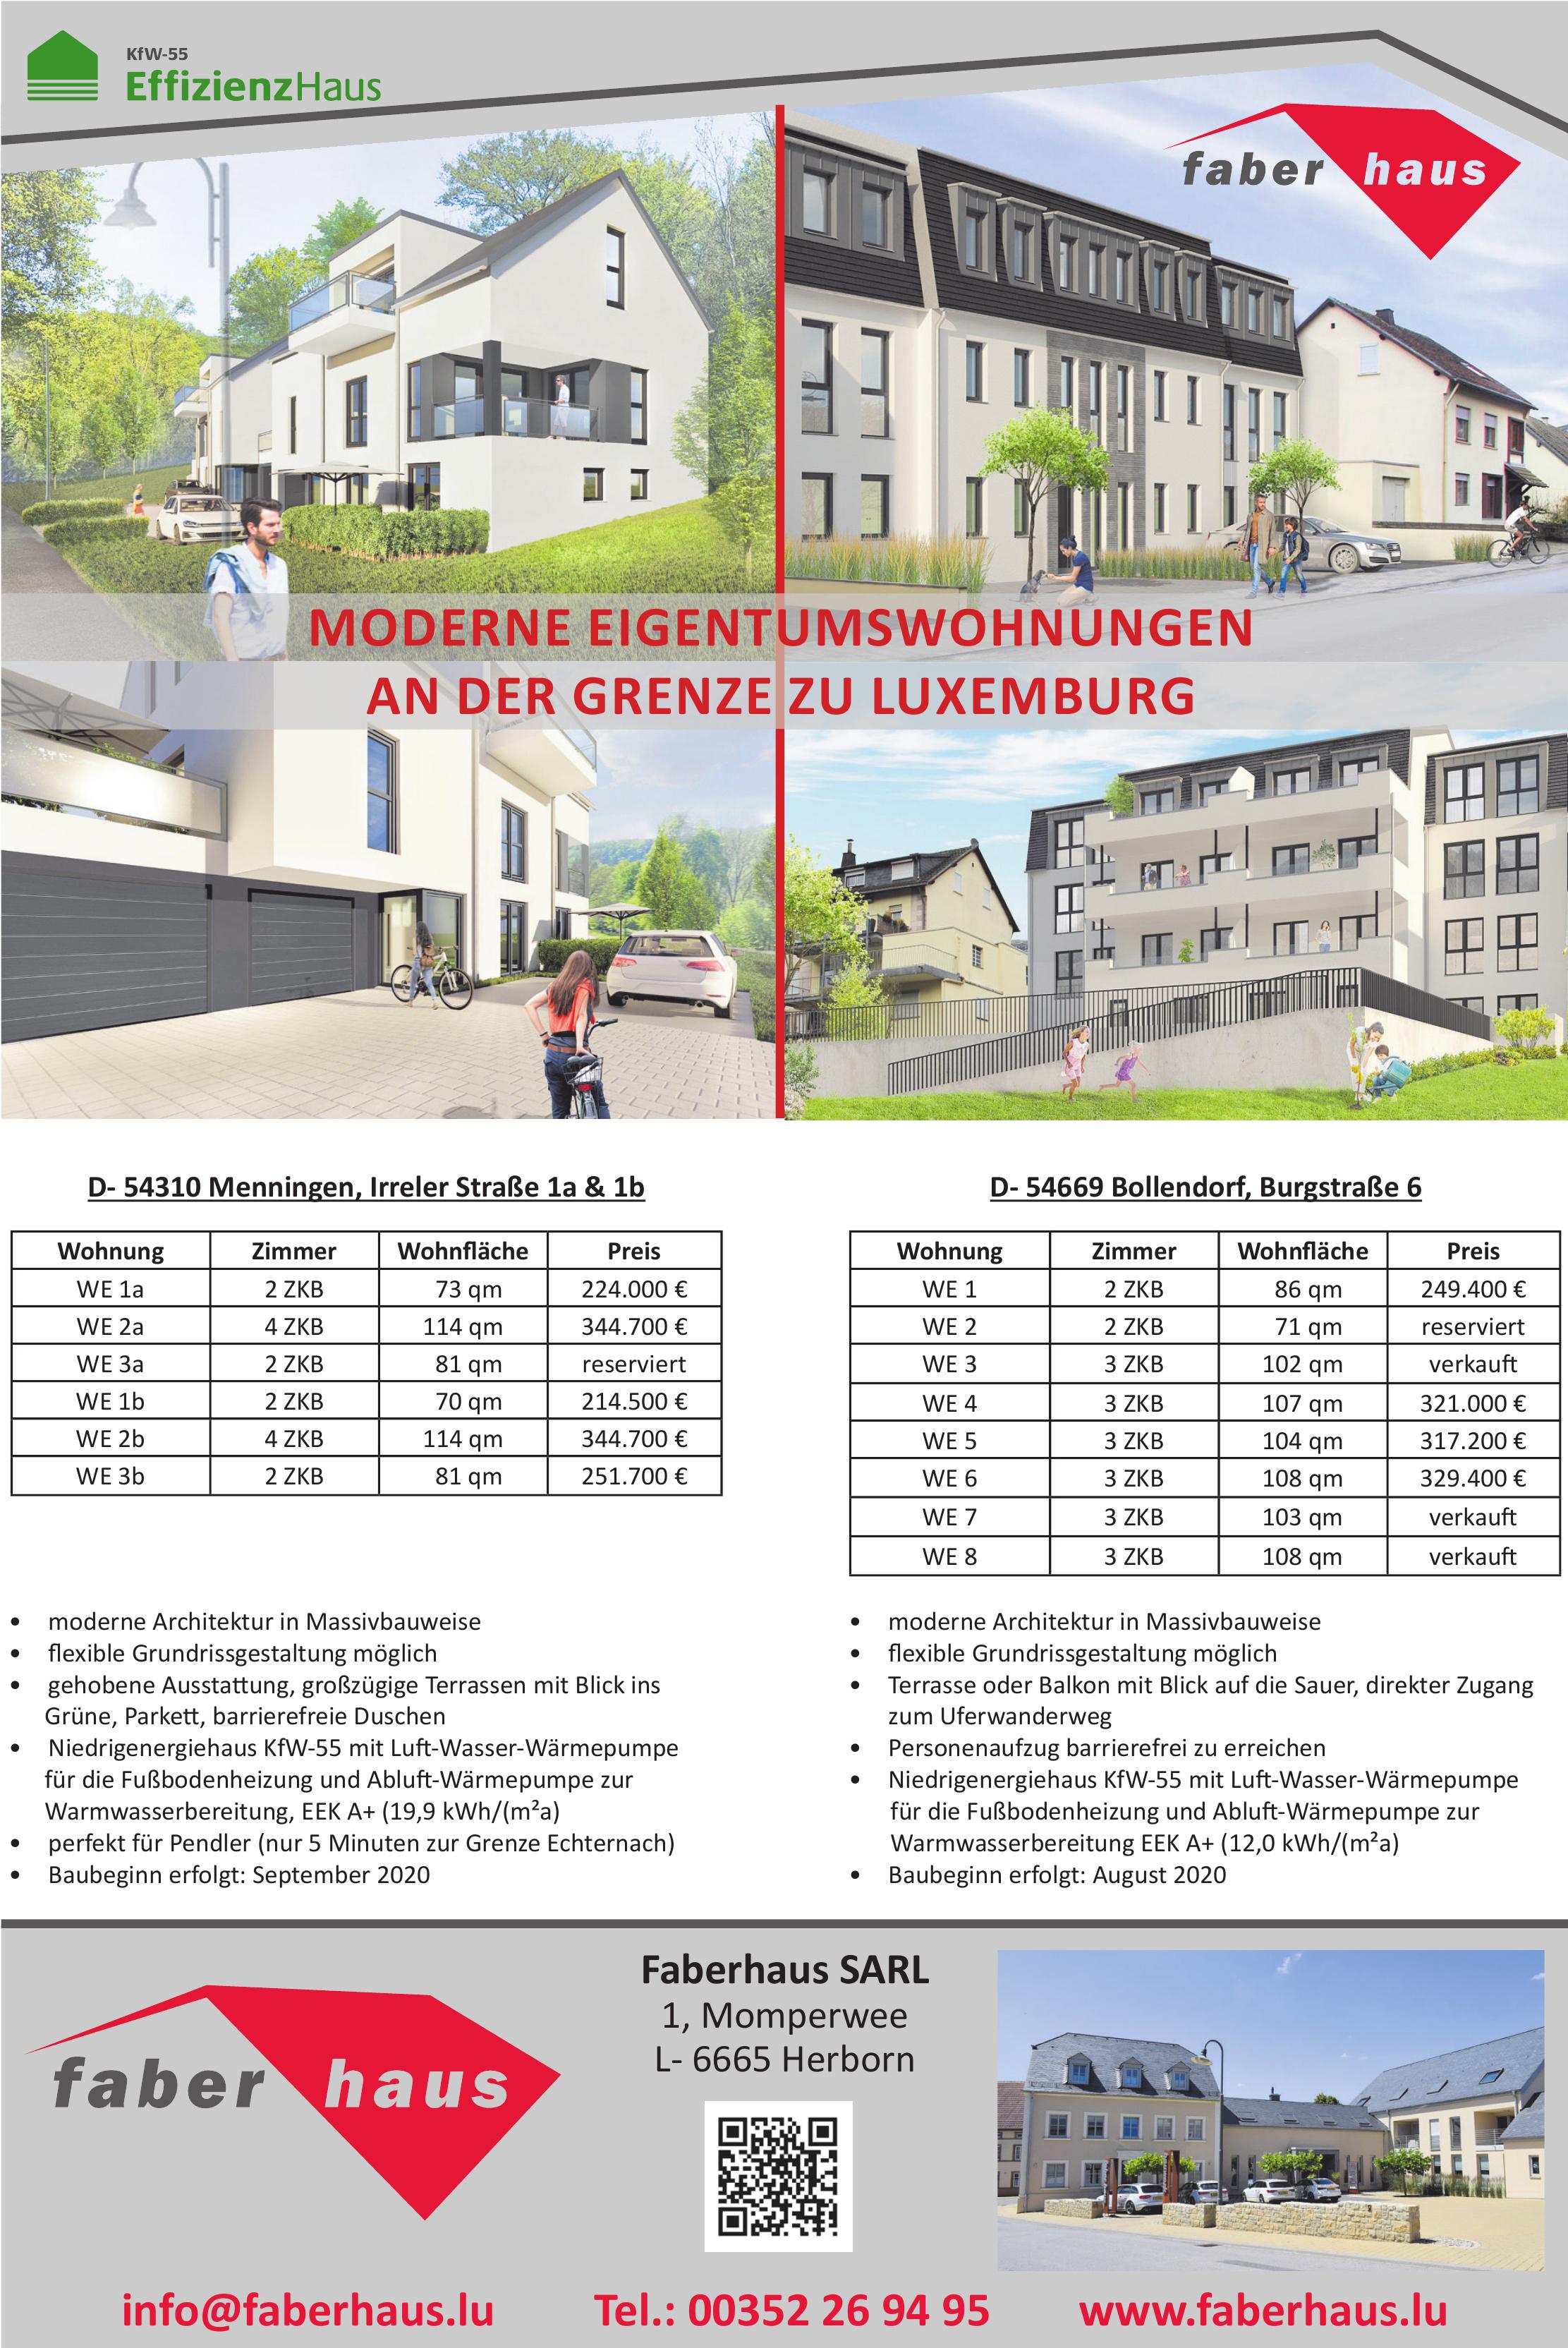 Faberhaus Sarl